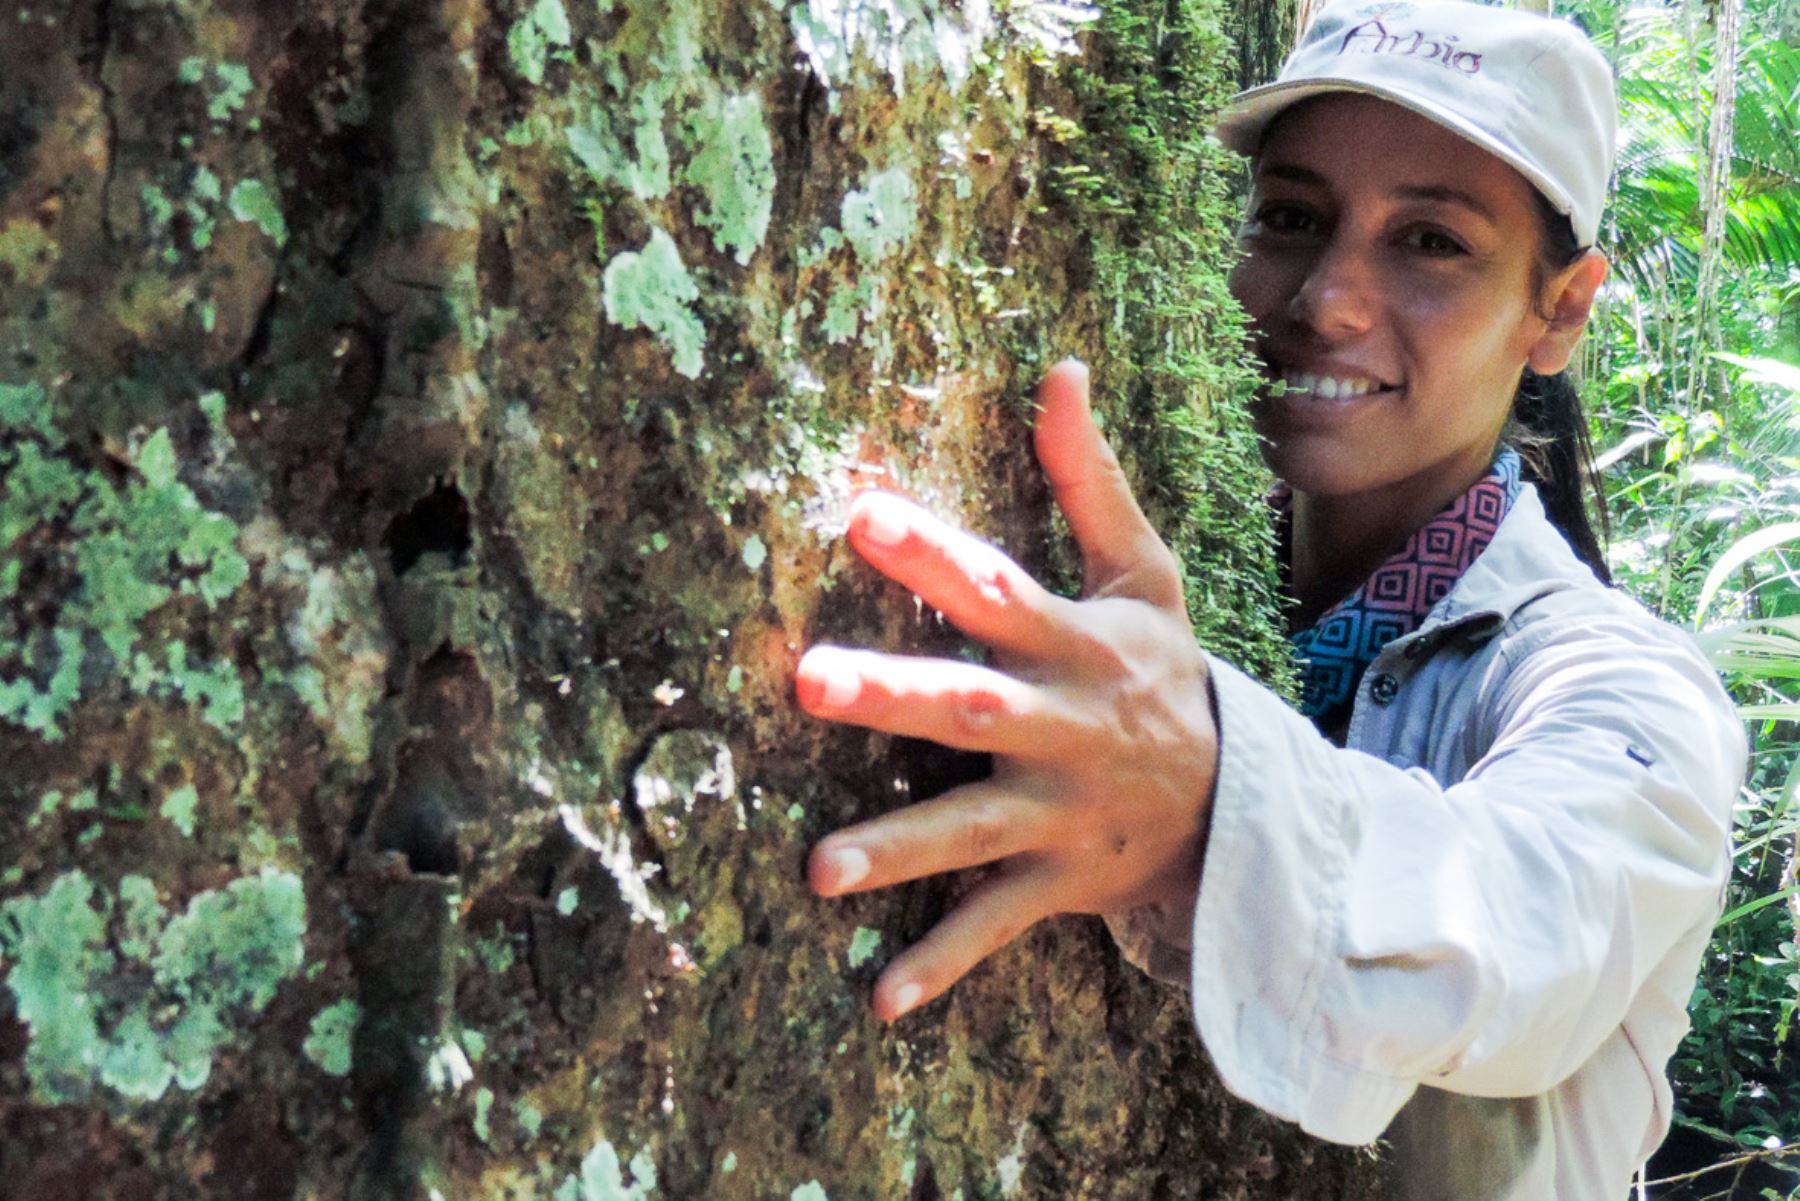 La peruana Tatiana Espinosa, directora ejecutiva de la Asociación para la Resiliencia para el Bosque Amazónico (Arbio), recibió el premio Jane Goodall en Nepal.